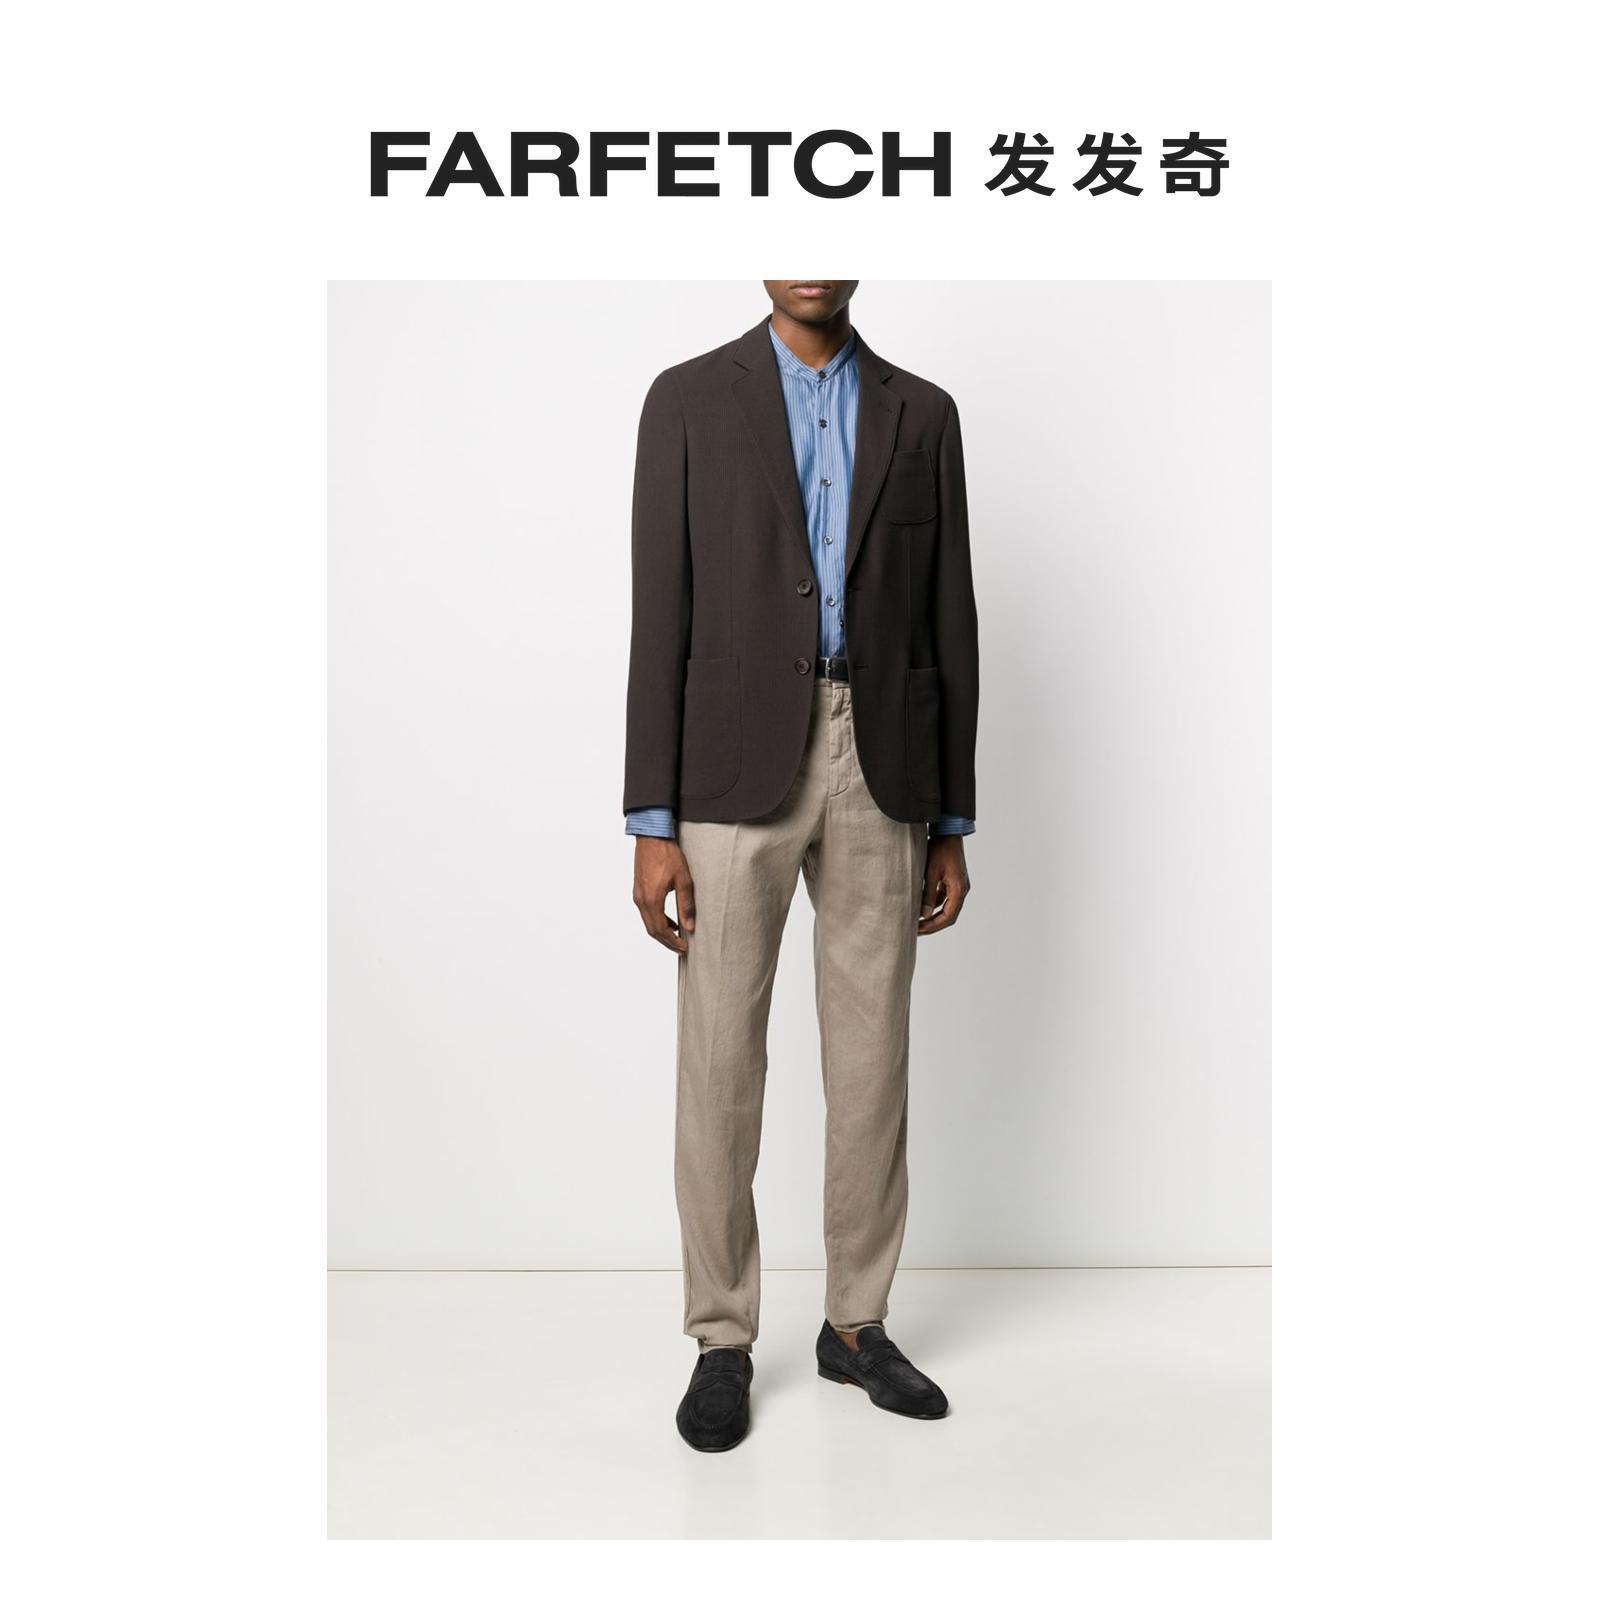 阿玛尼男士西装 Giorgio Armani阿玛尼男士轻薄纽扣西装夹克FARFETCH发发奇_推荐淘宝好看的阿玛尼男西装